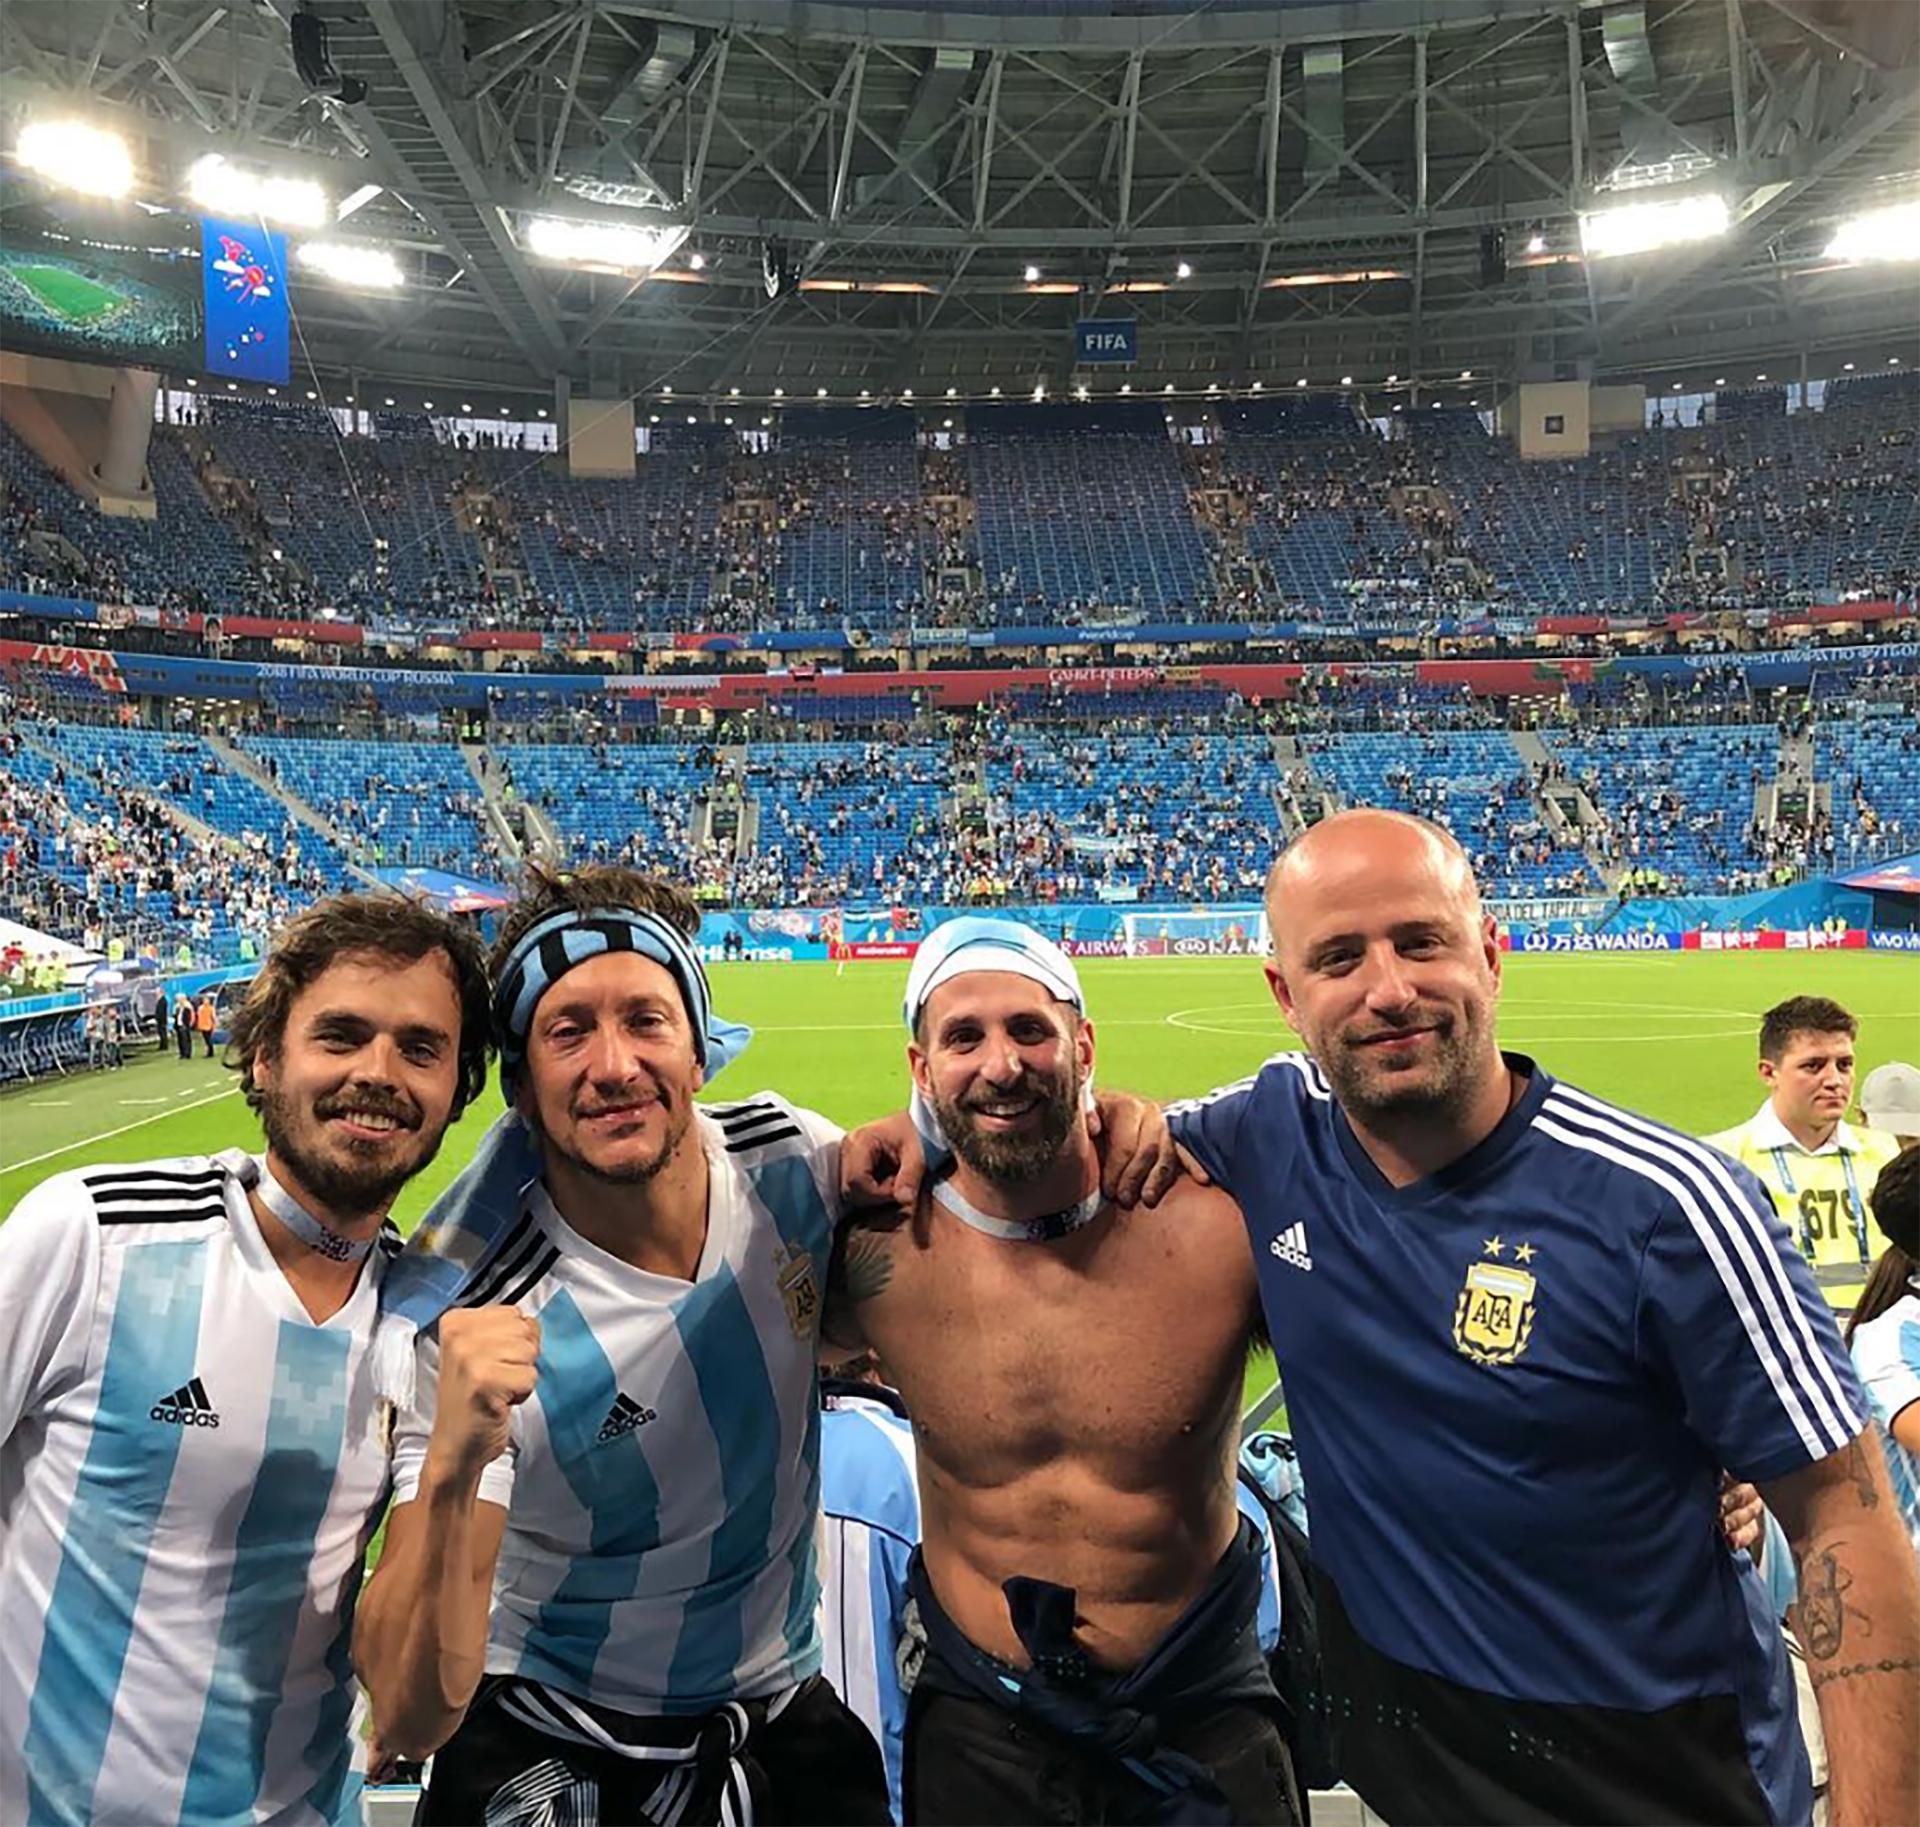 Benjamín Rojas, Nico Vázquez y unos amigos fueron a apoyar a la Selección en San Petersburgo (Instagram)